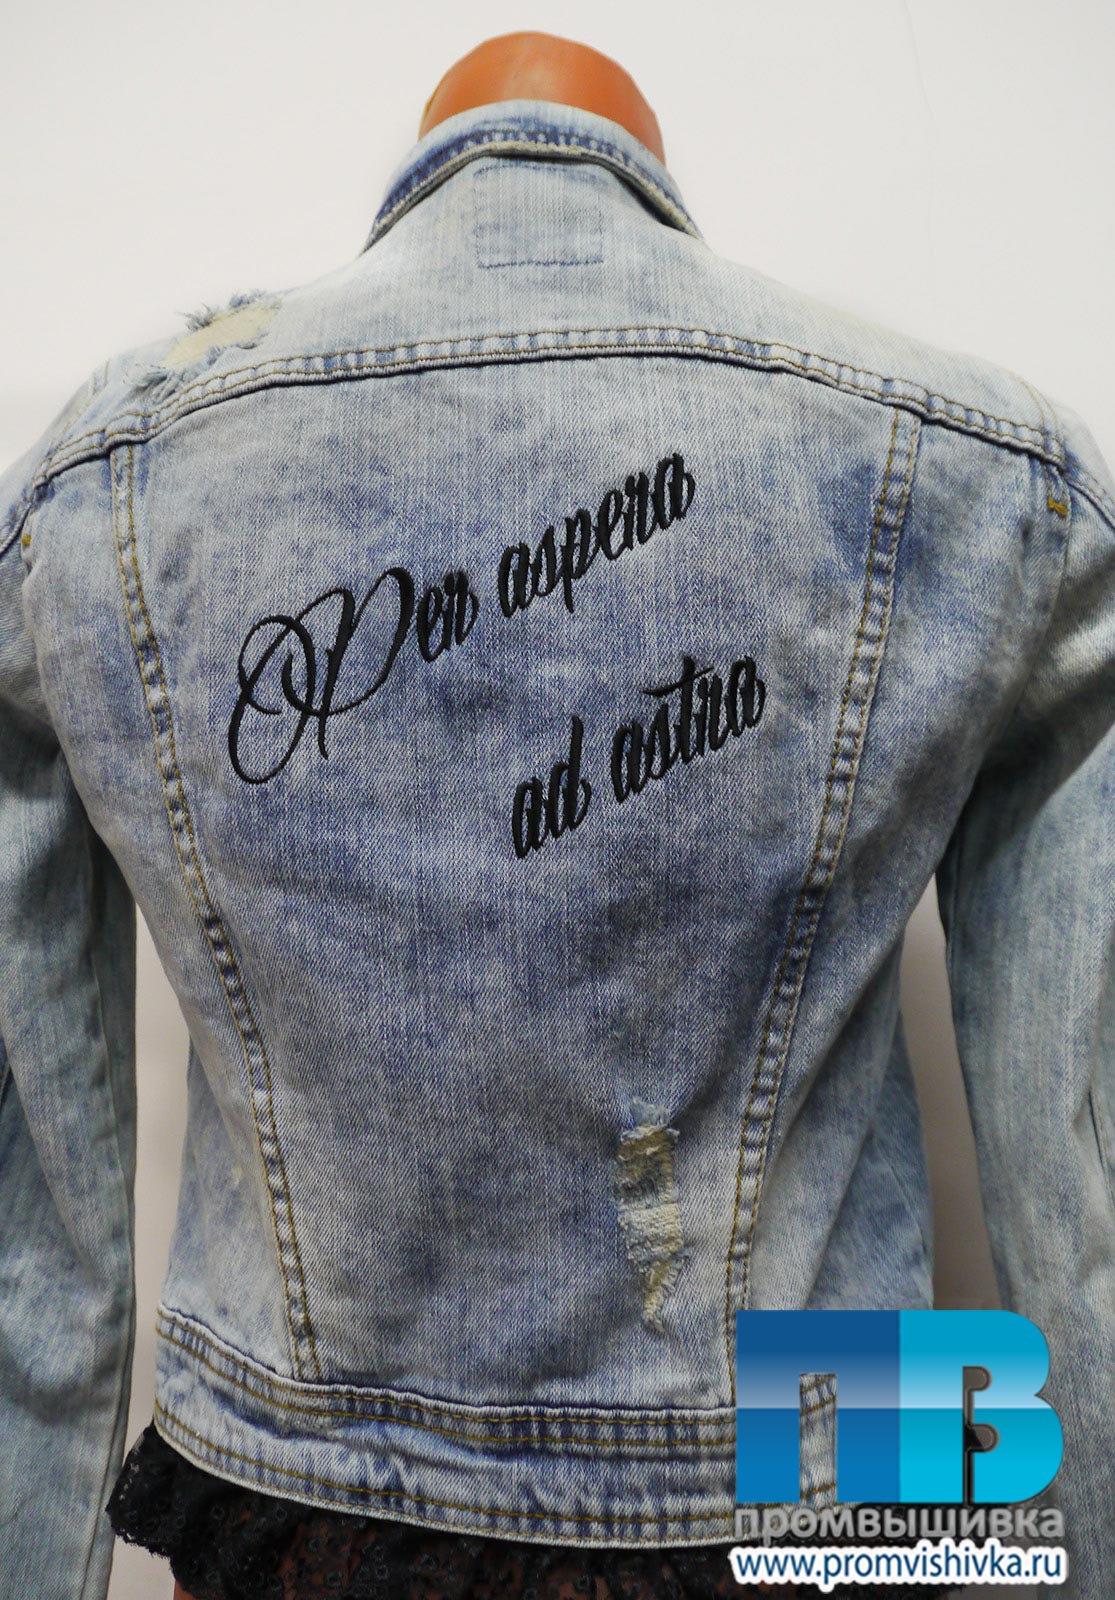 Чем нанести рисунок на джинсу для вышивки